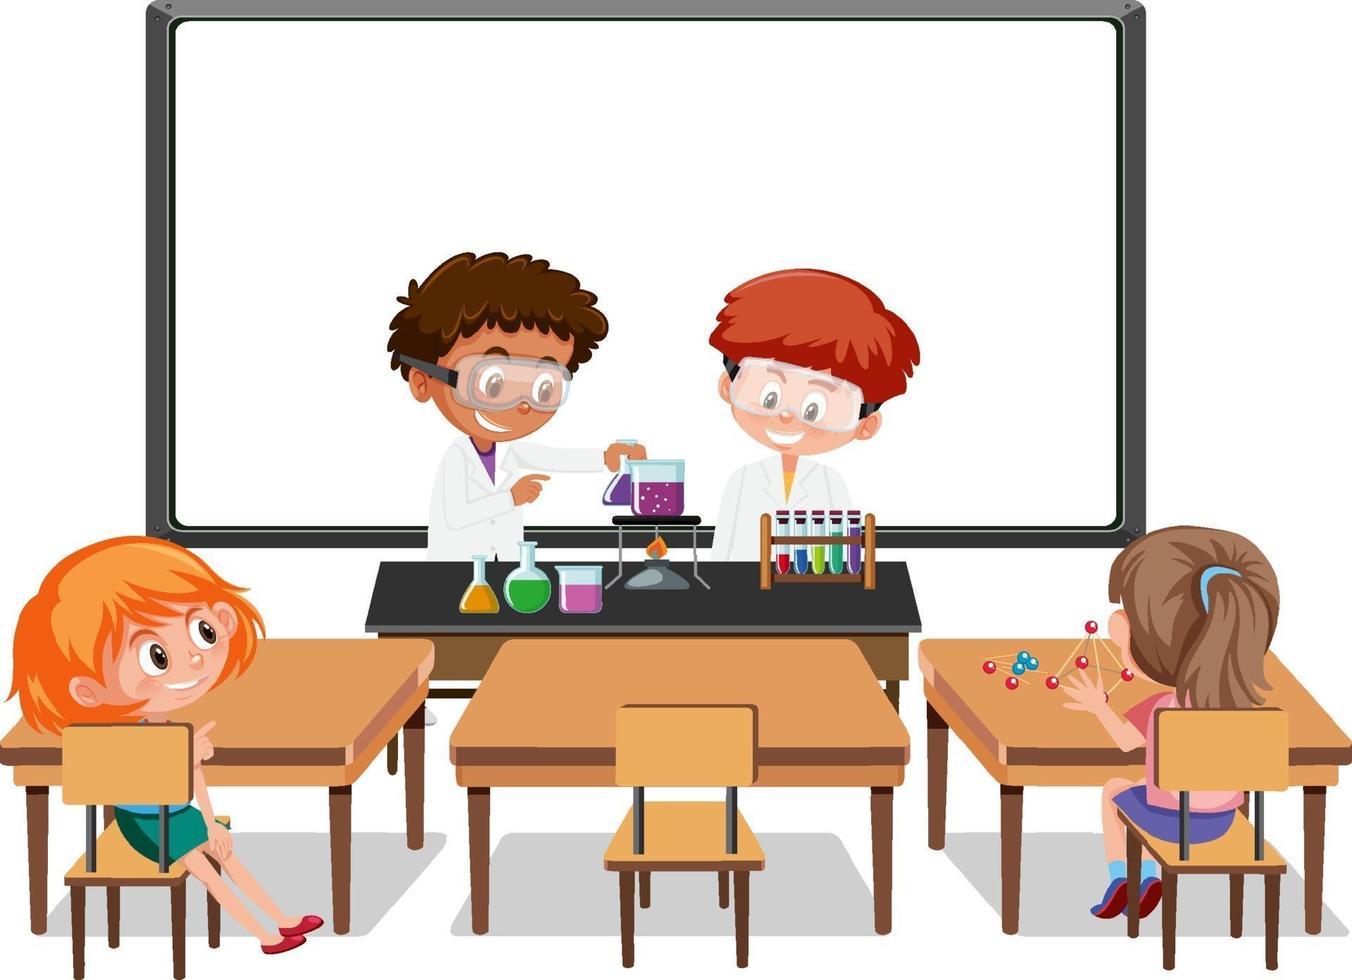 junge Studenten machen wissenschaftliche Experimente in der Klassenzimmerszene vektor